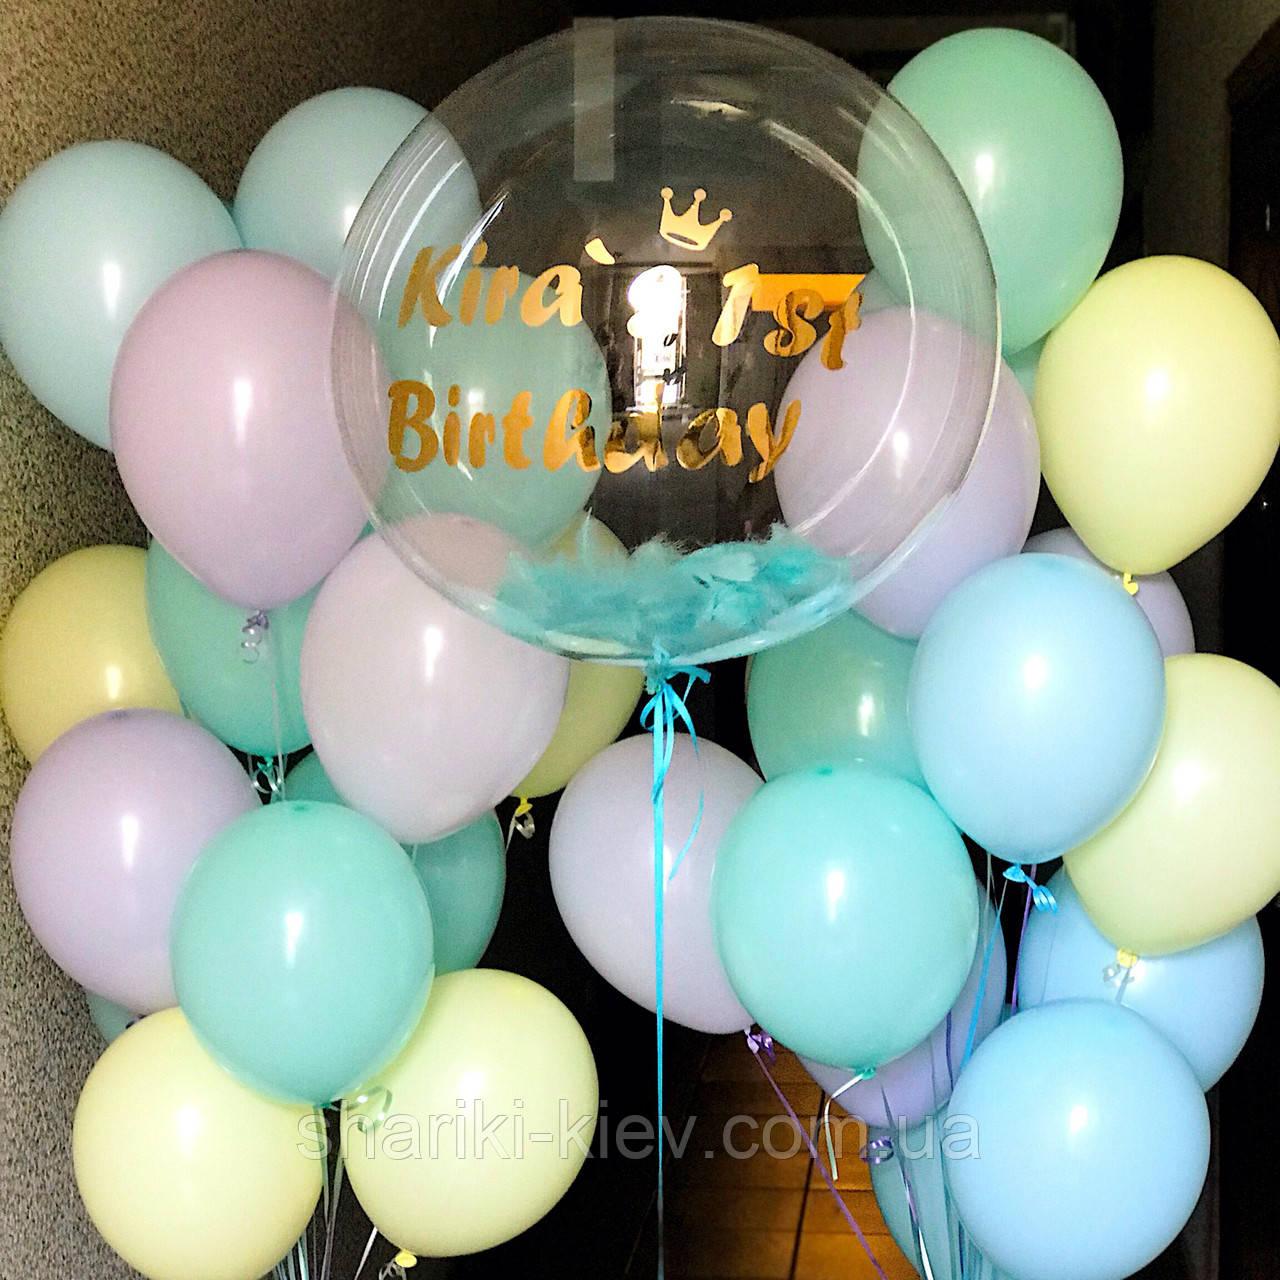 Оформление для девочки с шаром Баблс и латексными цветными шарами